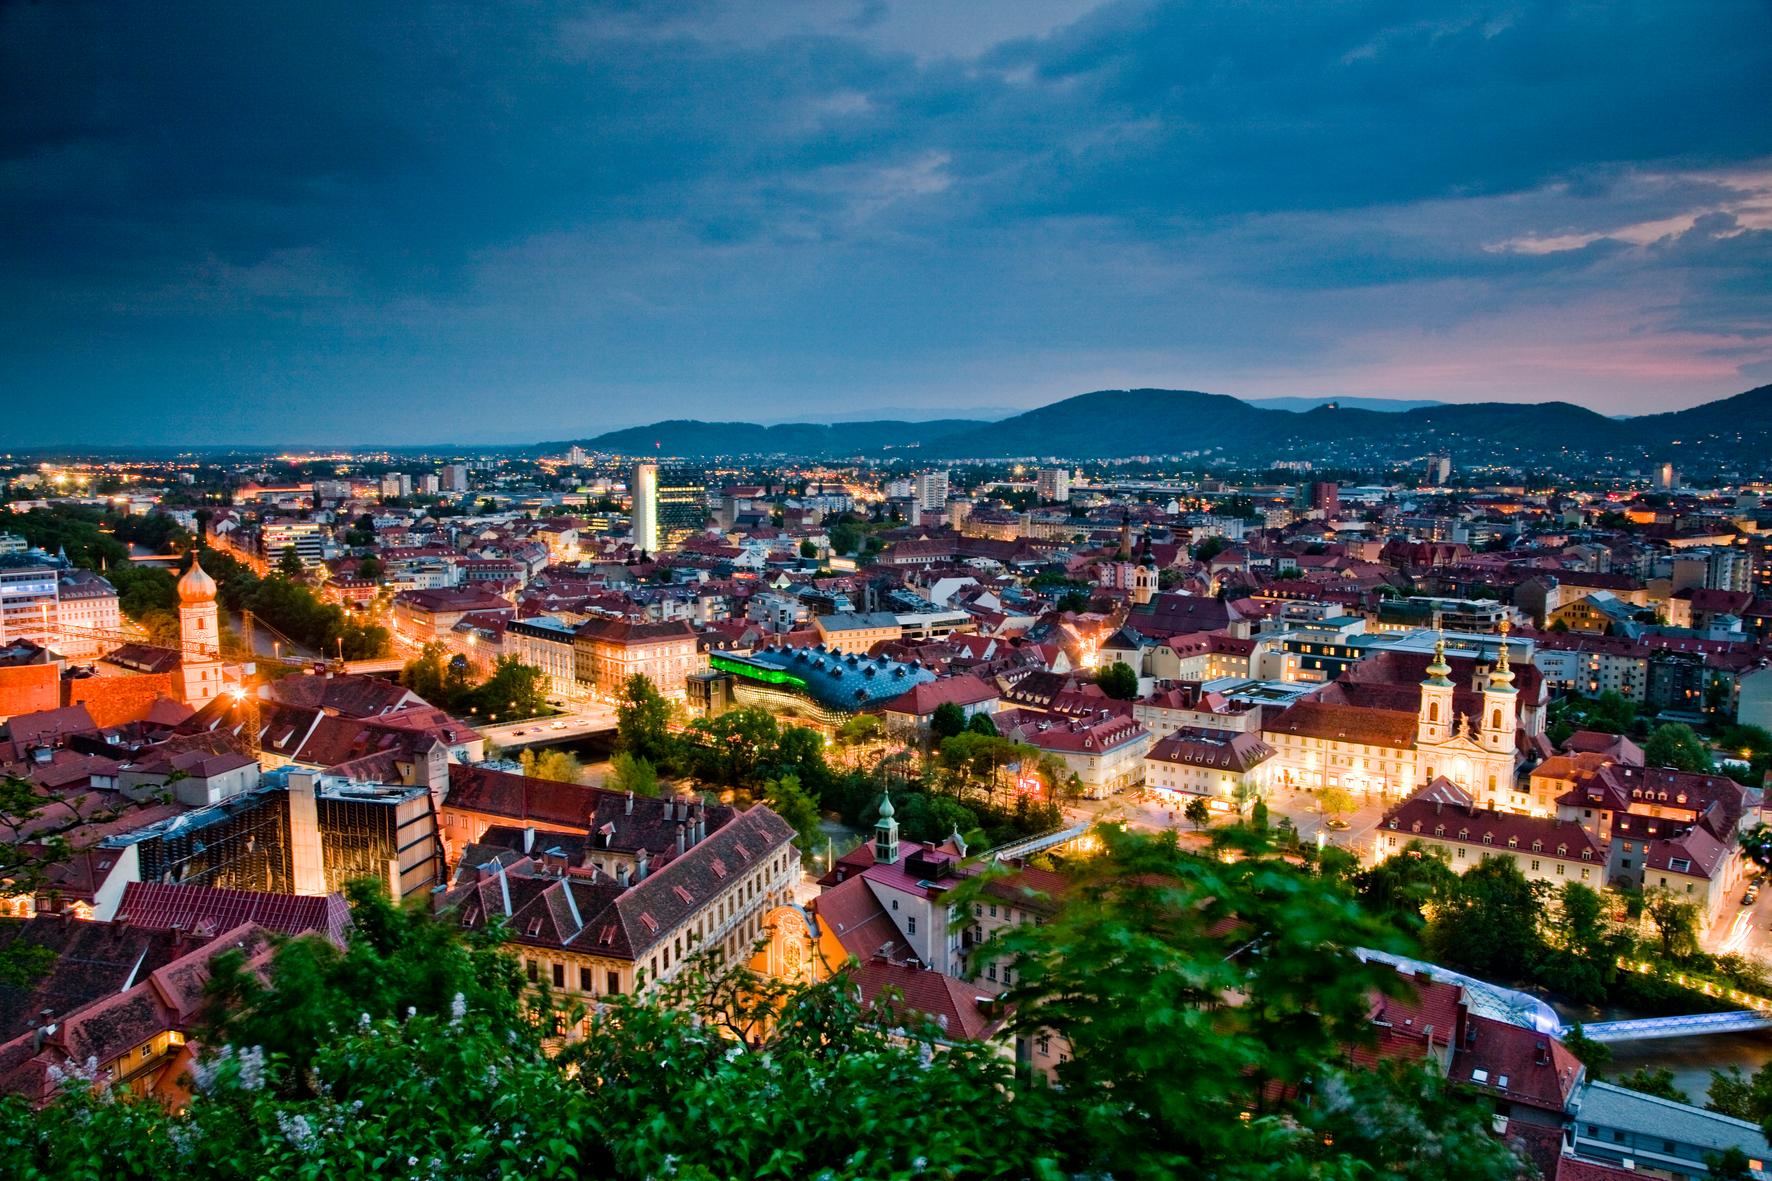 Graz, Tagesausflug am 5.9. und 10.10.2020